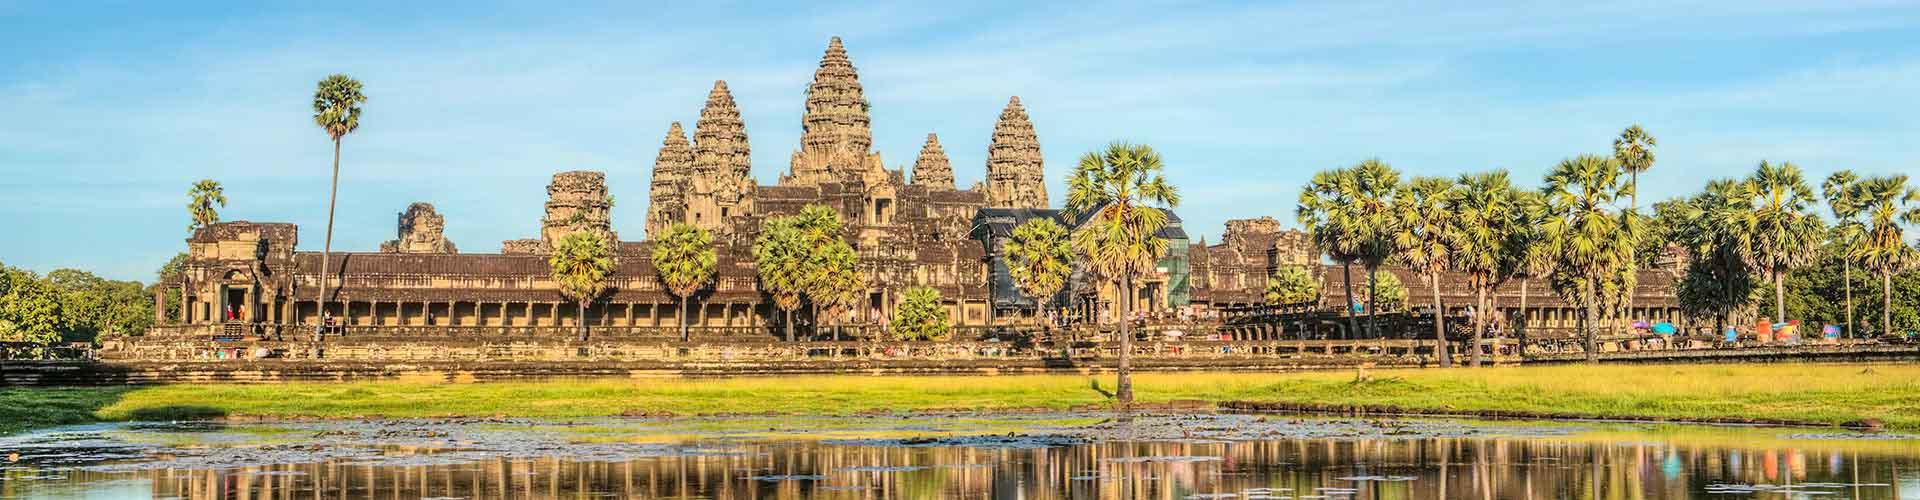 Siem Reap – Hotéis em Siem Reap. Mapas para Siem Reap, Fotos e Avaliações para cada Hotel Siem Reap.